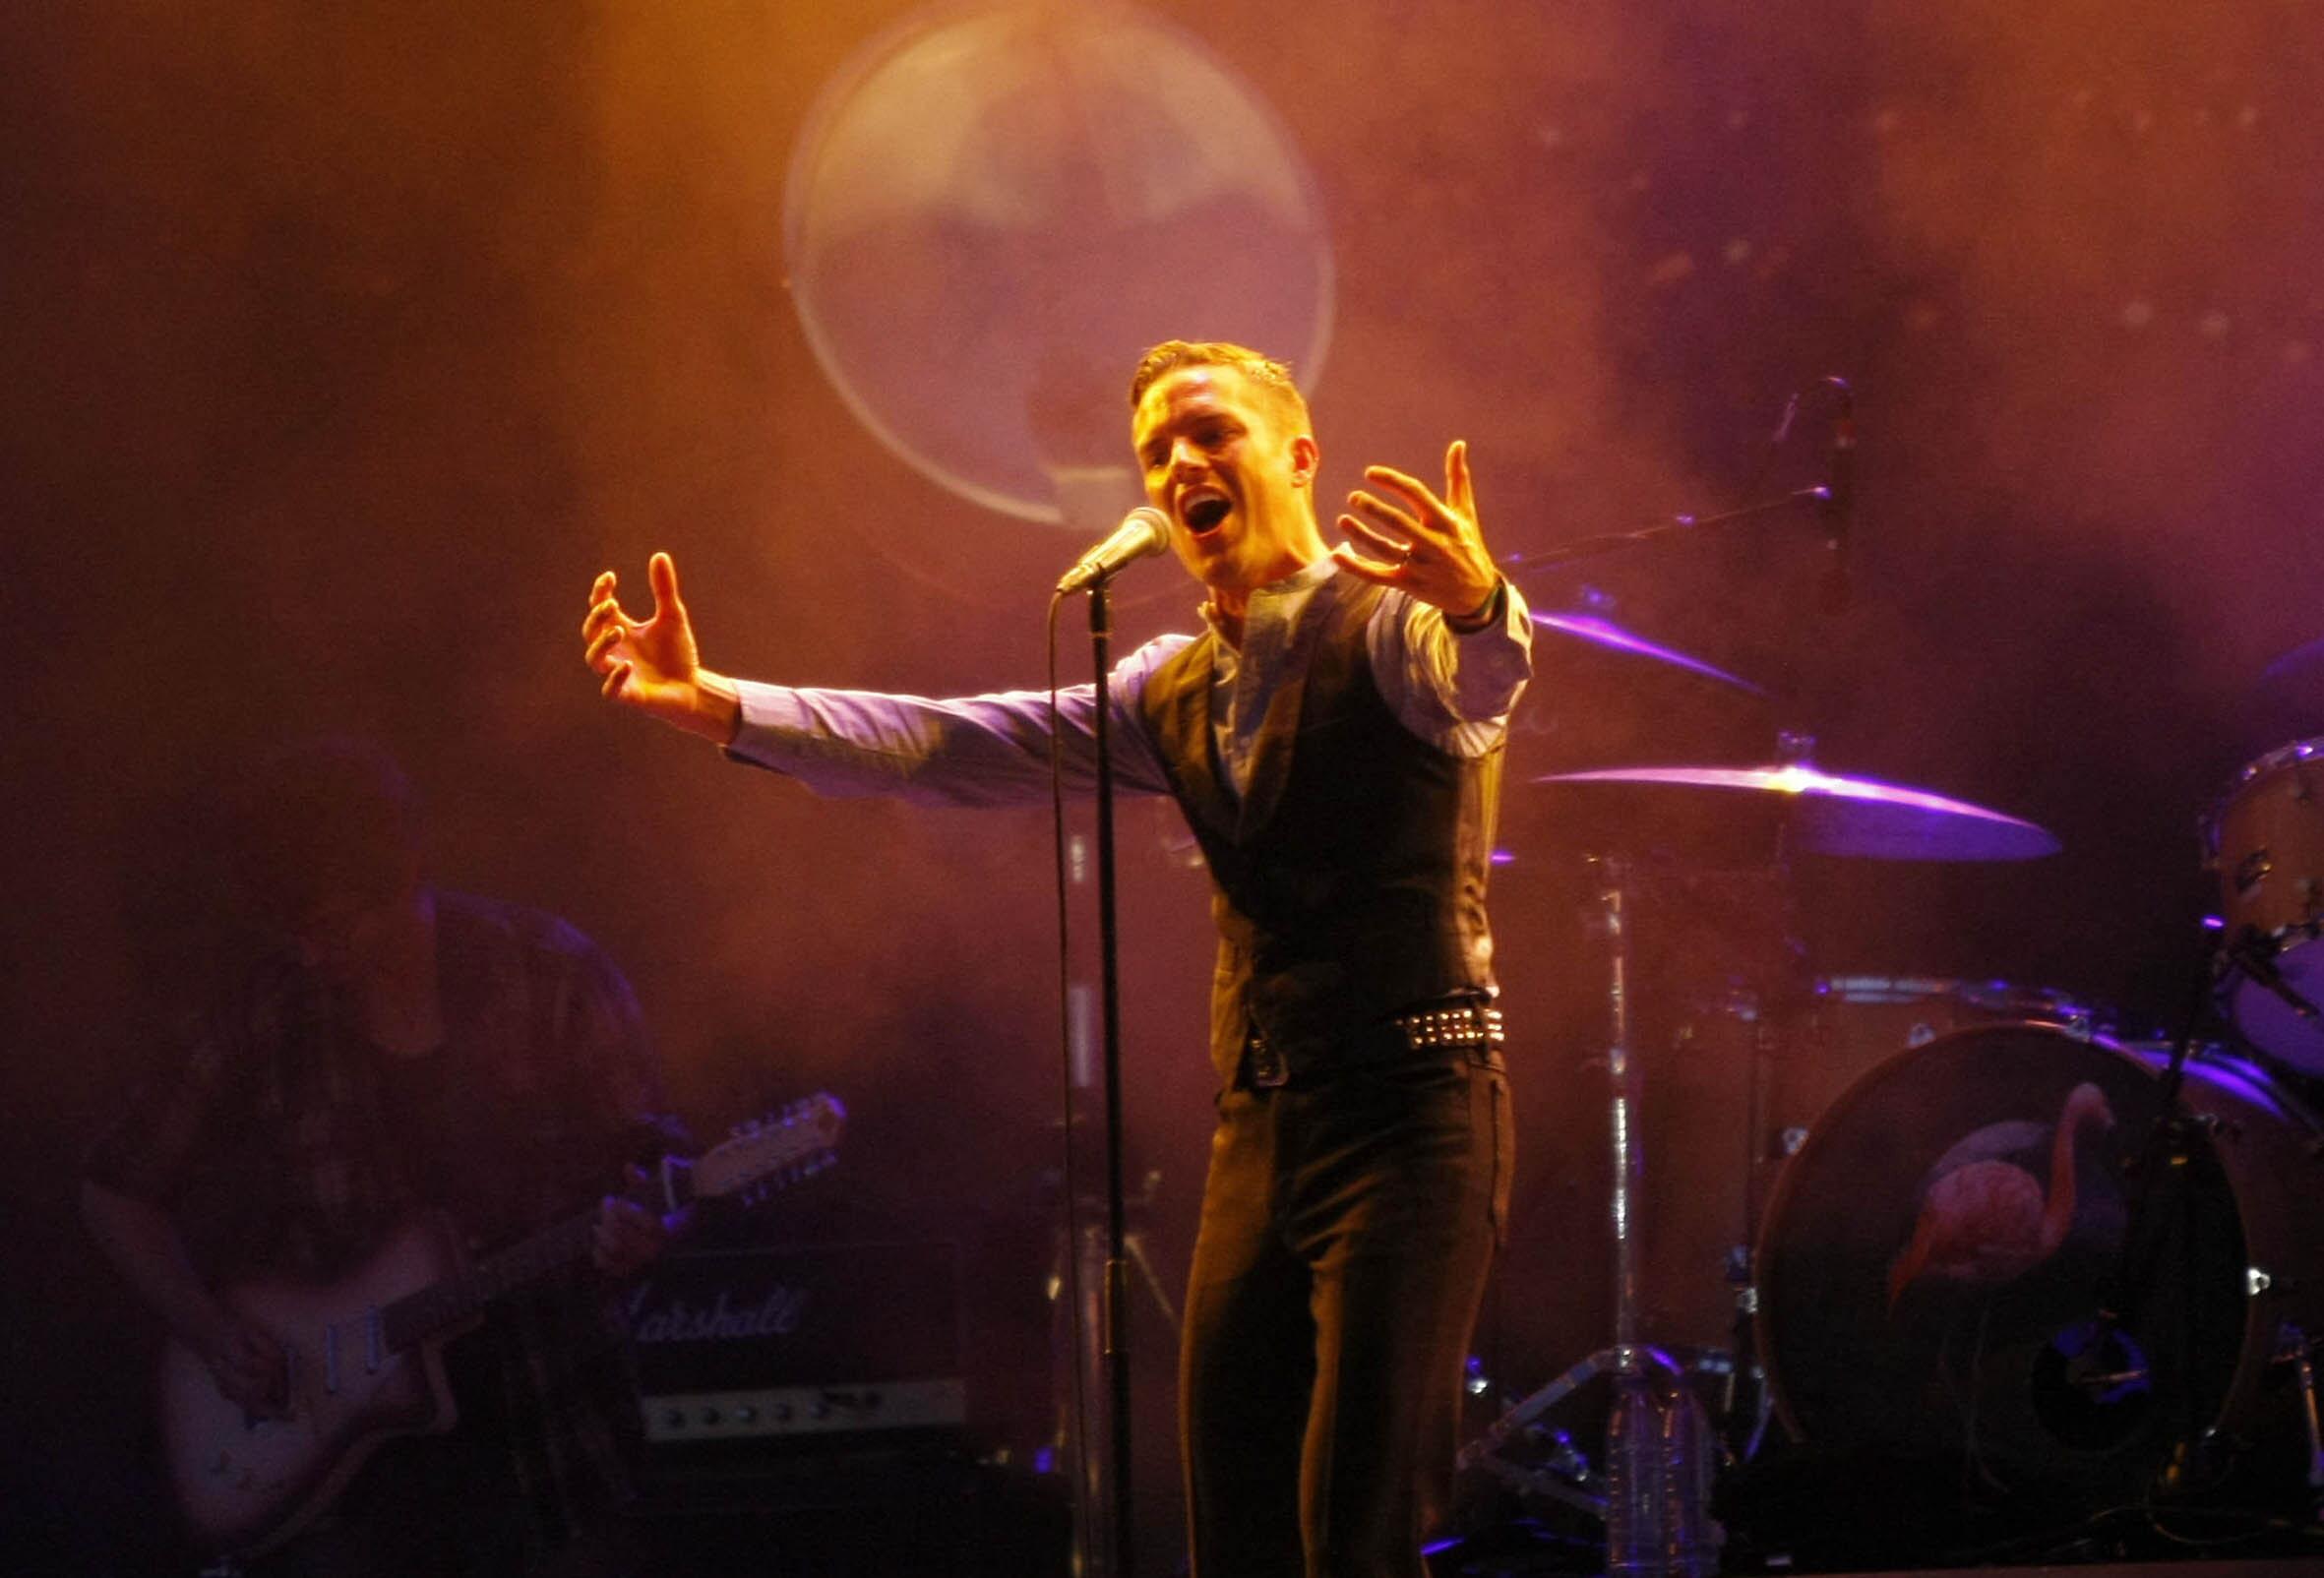 El recopilatorio de The Killers saldrá el 11 de noviembre